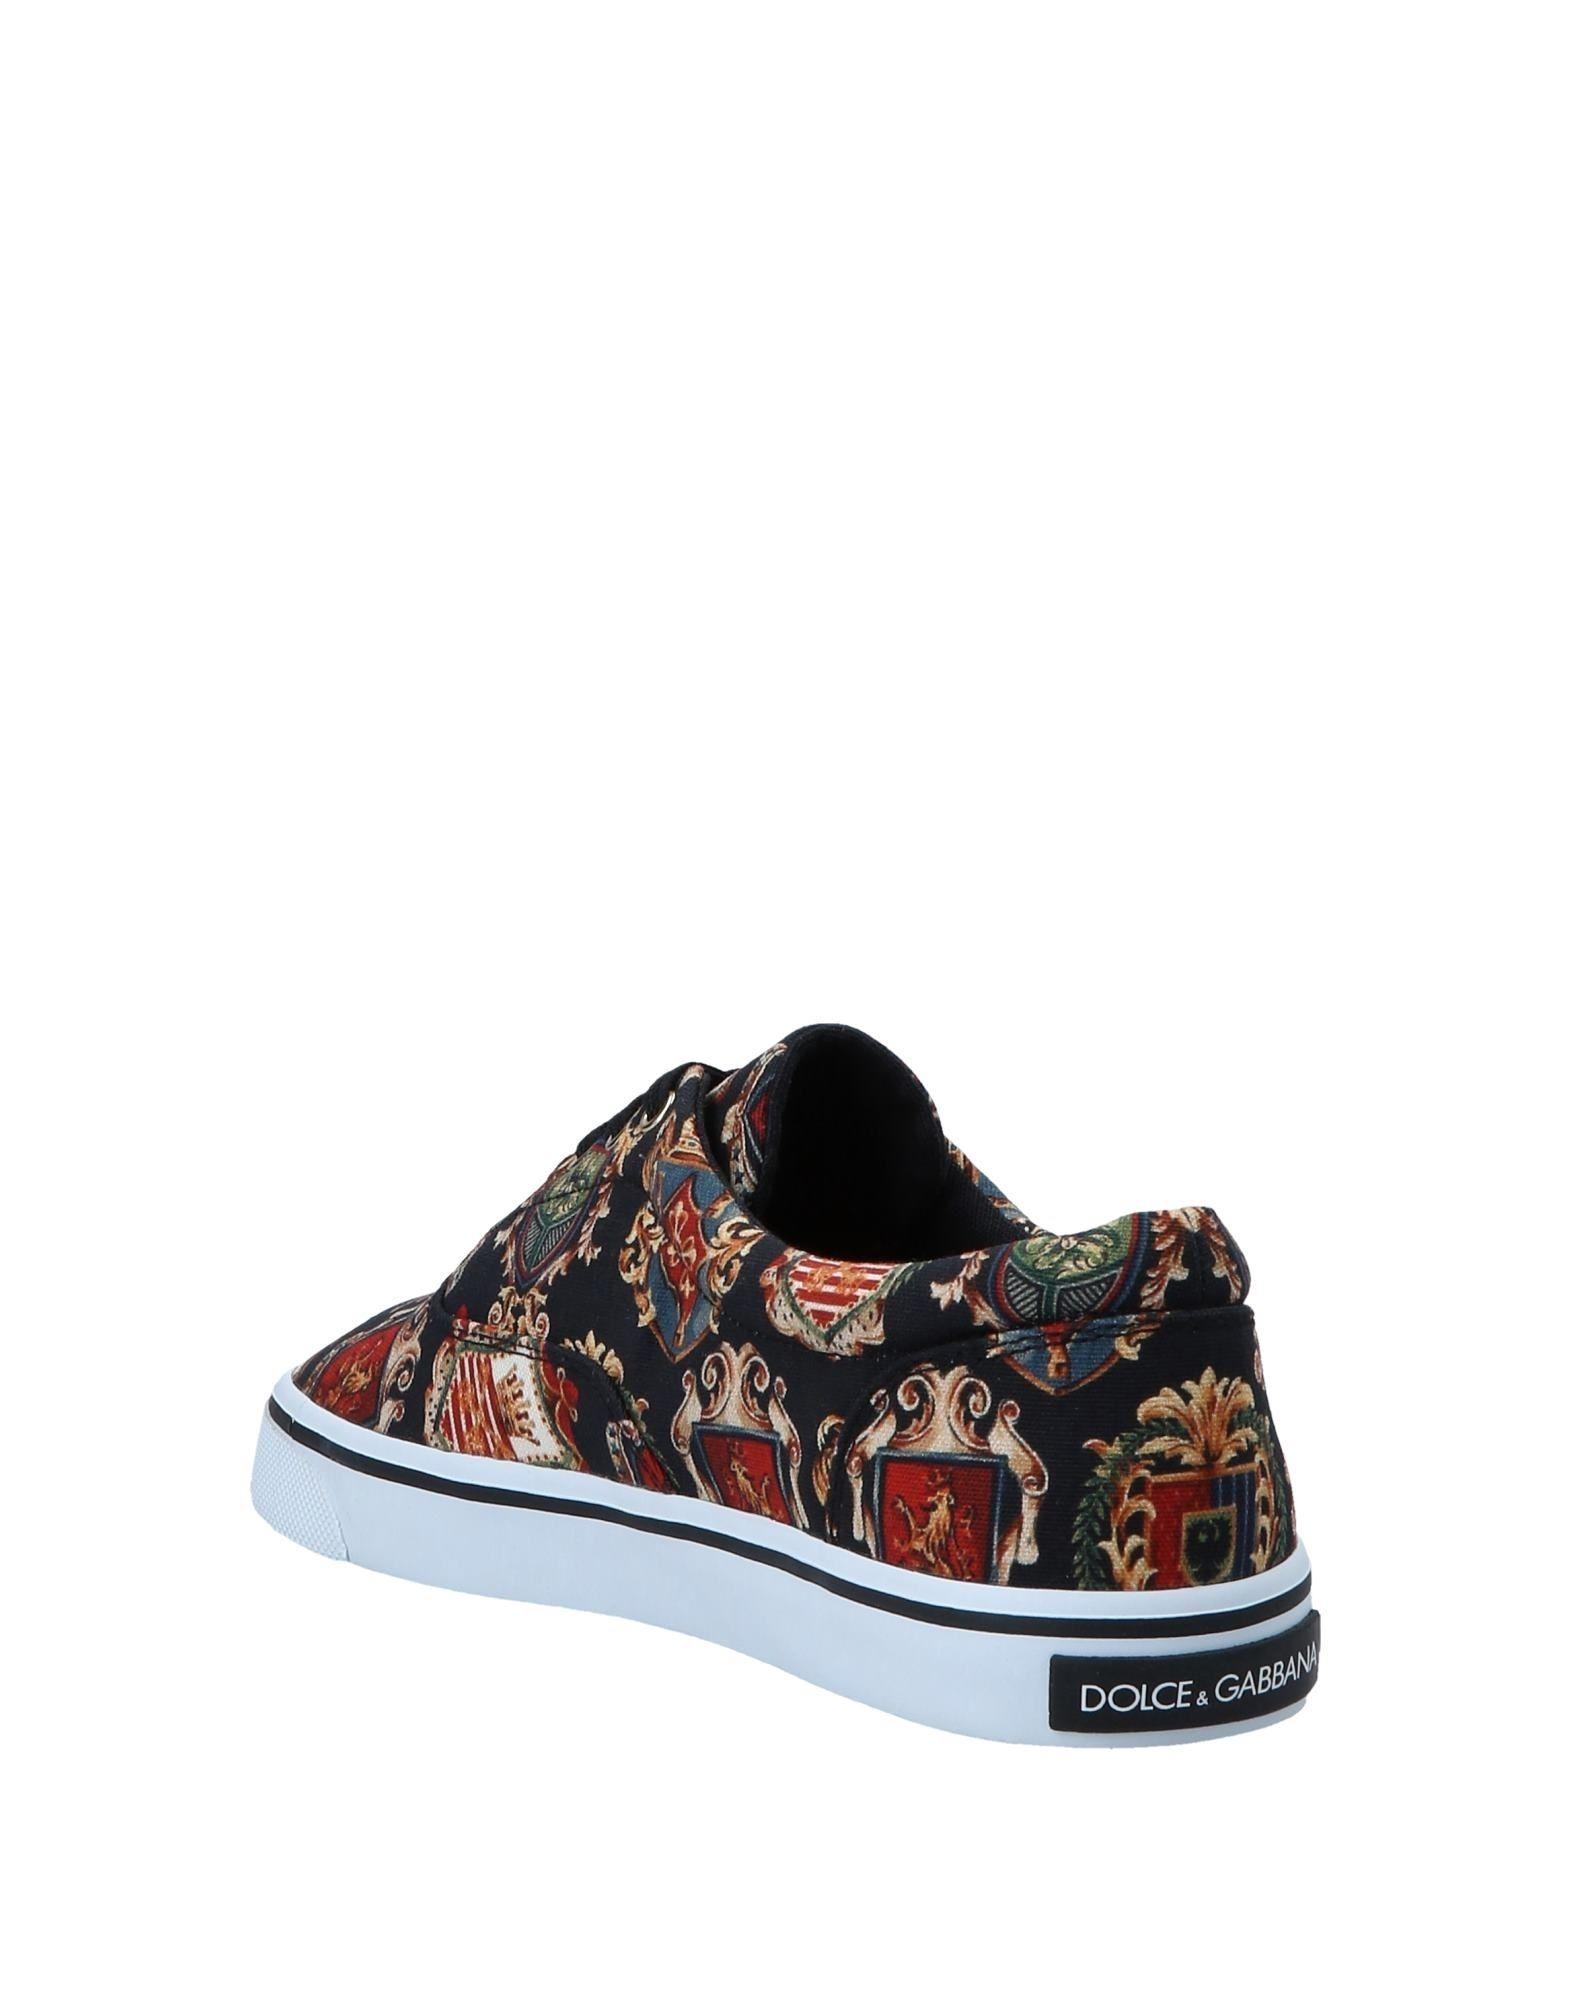 Dolce & Gabbana Sneakers Herren  11547017LL Gute Qualität beliebte Schuhe